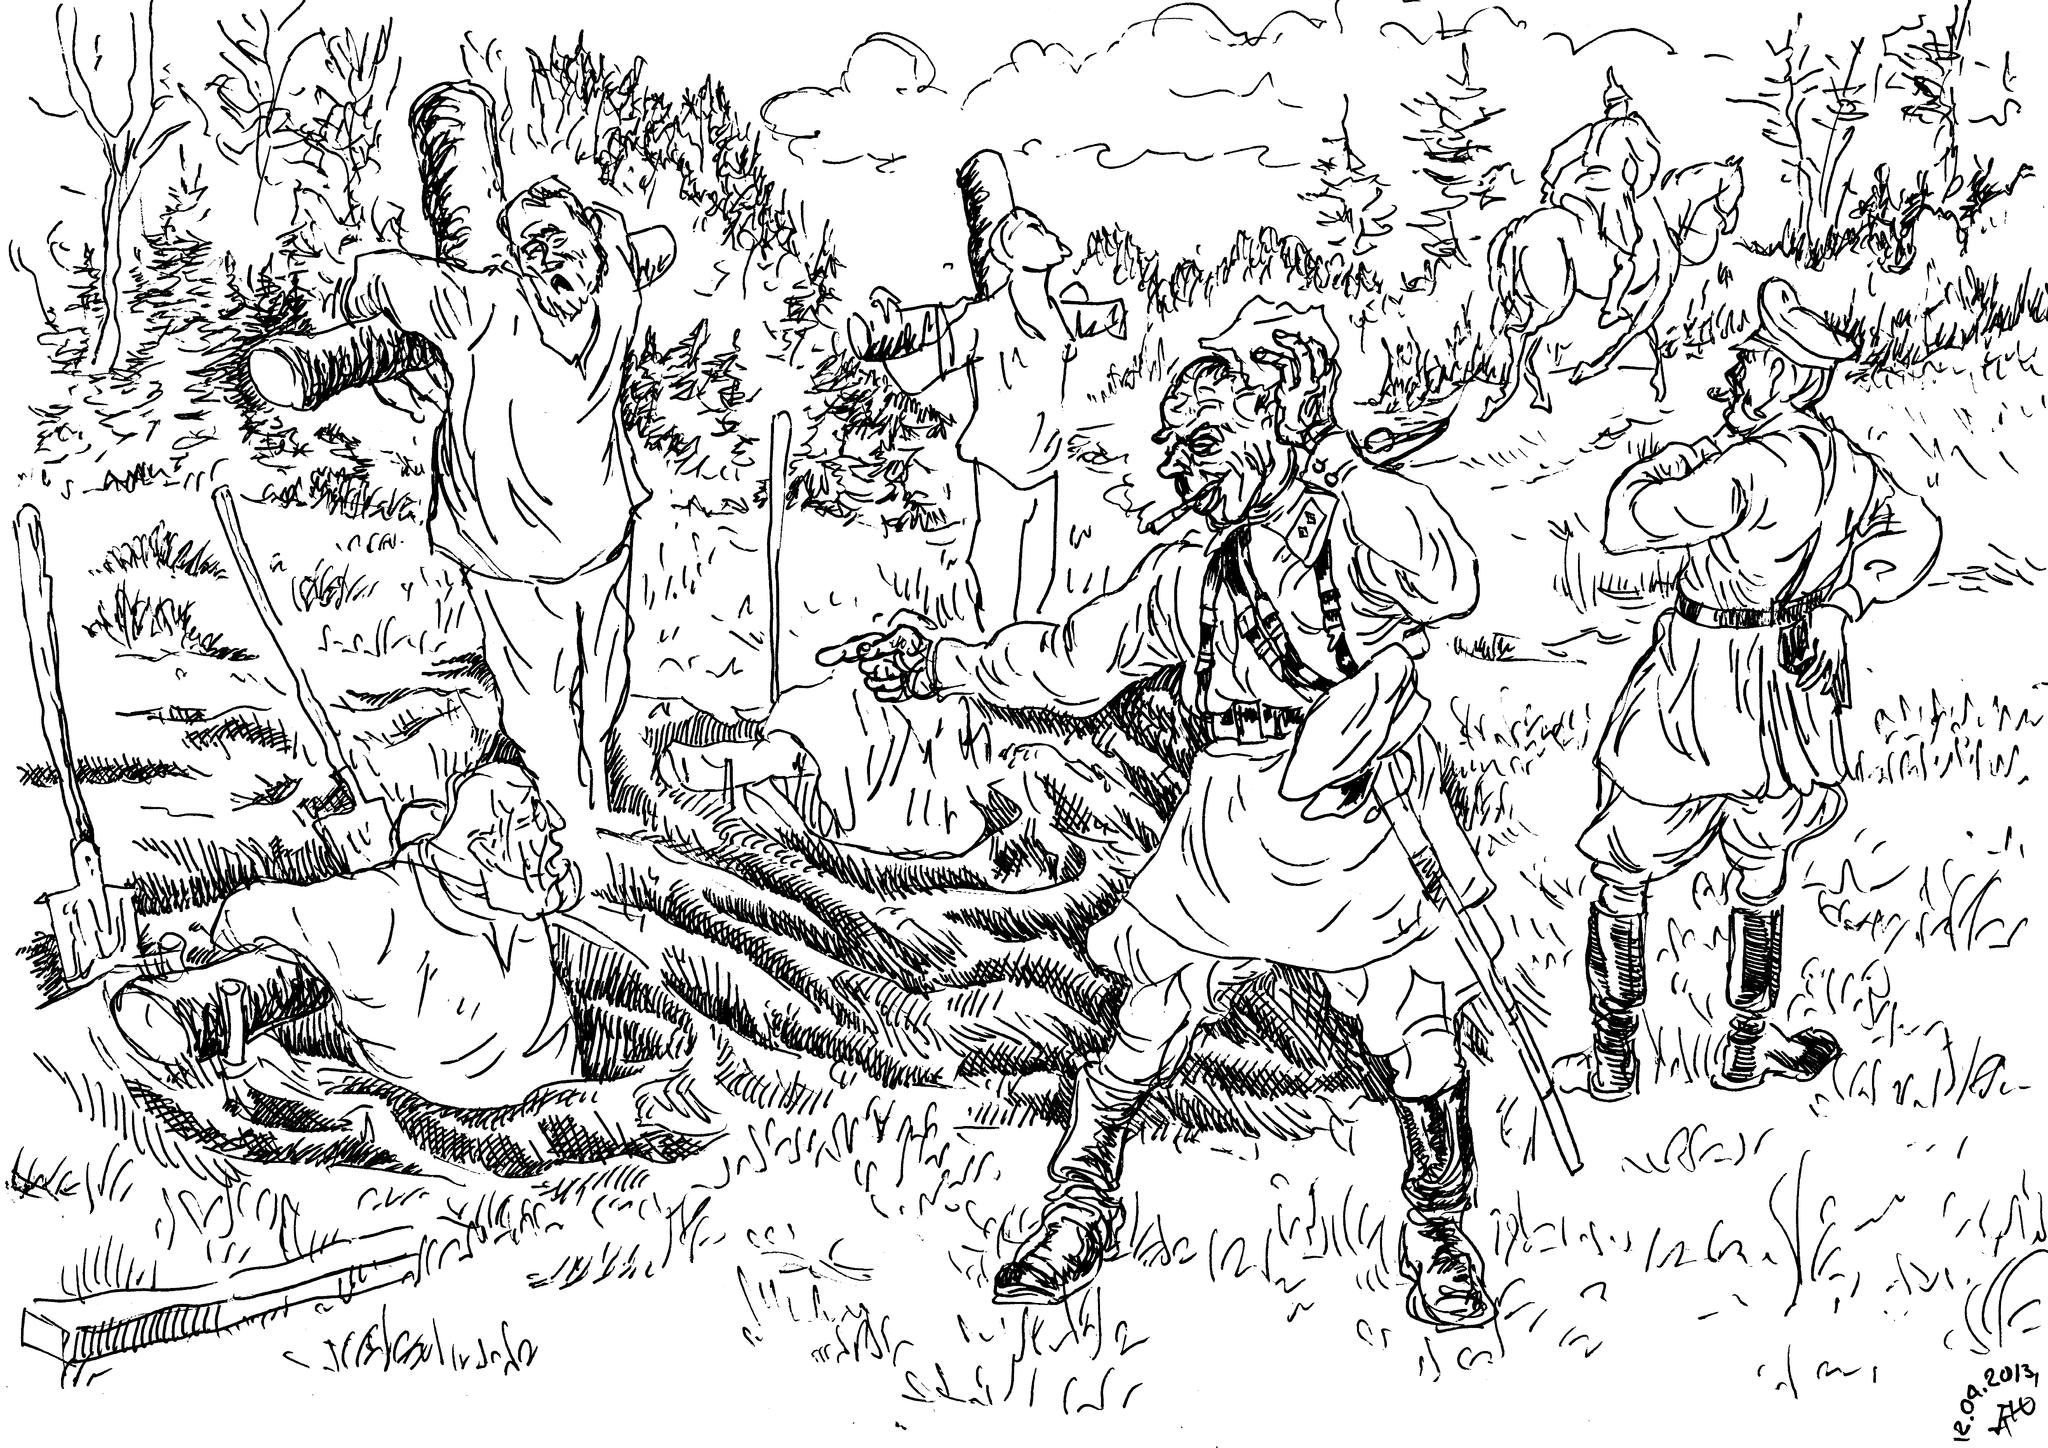 Палачи-парамоновцы убивали людей с любовью к «заплечных дел мастерству»: они изощрённо издевались над жертвами